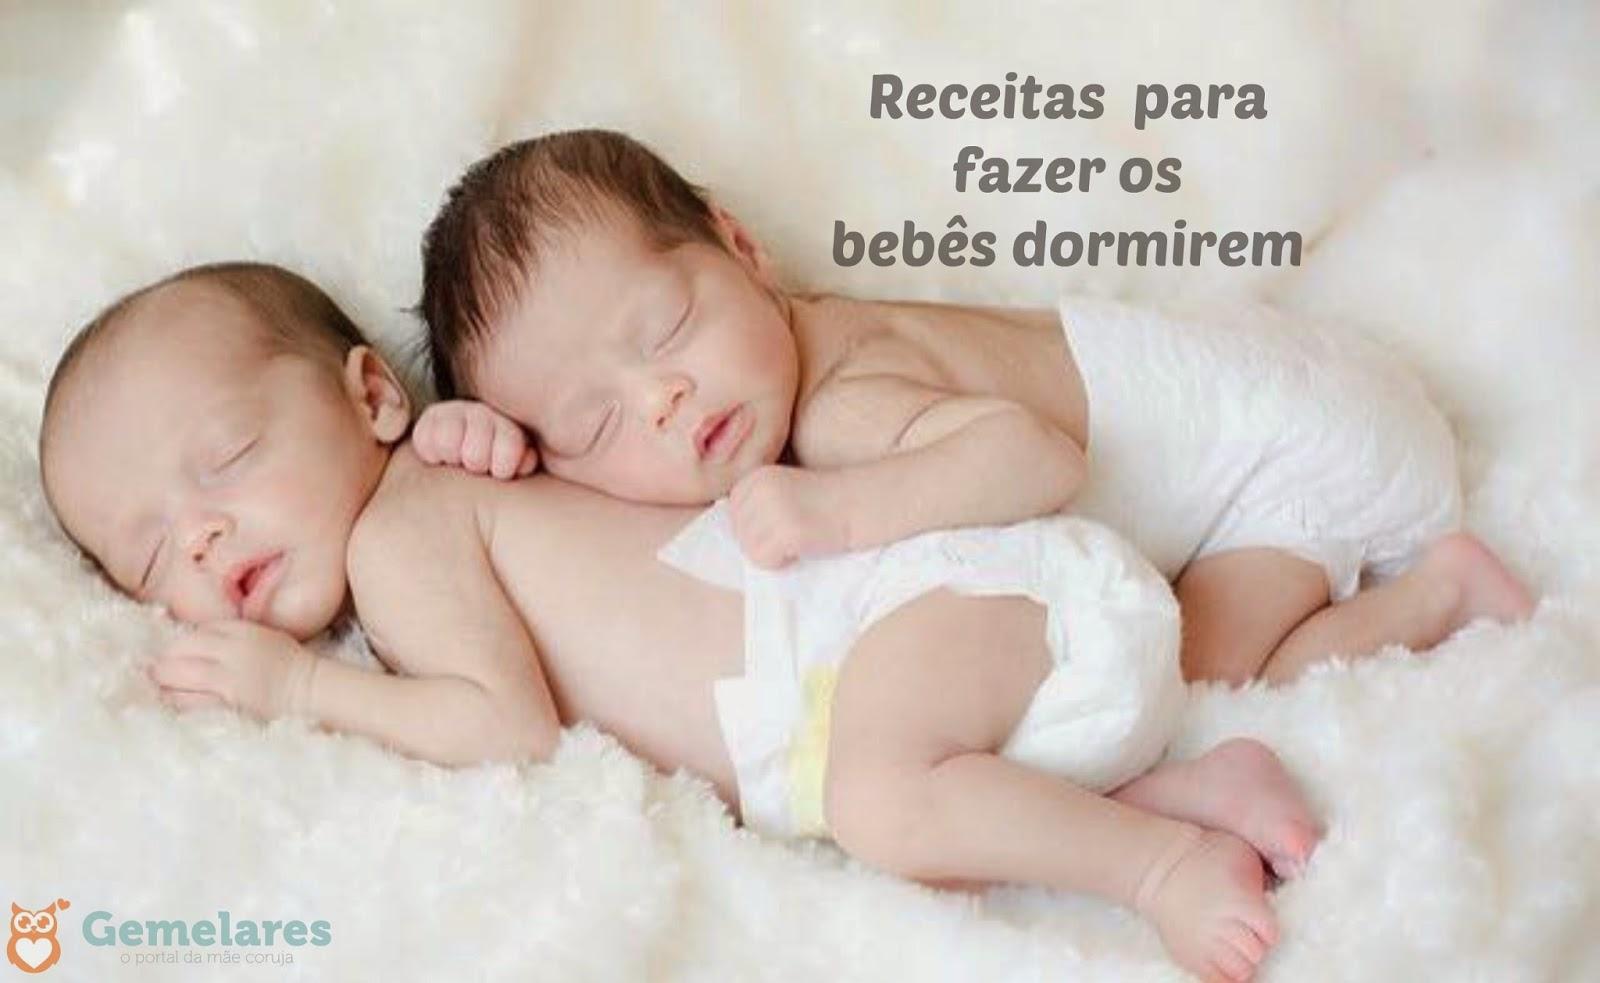 Receitas para fazer os bebês dormirem